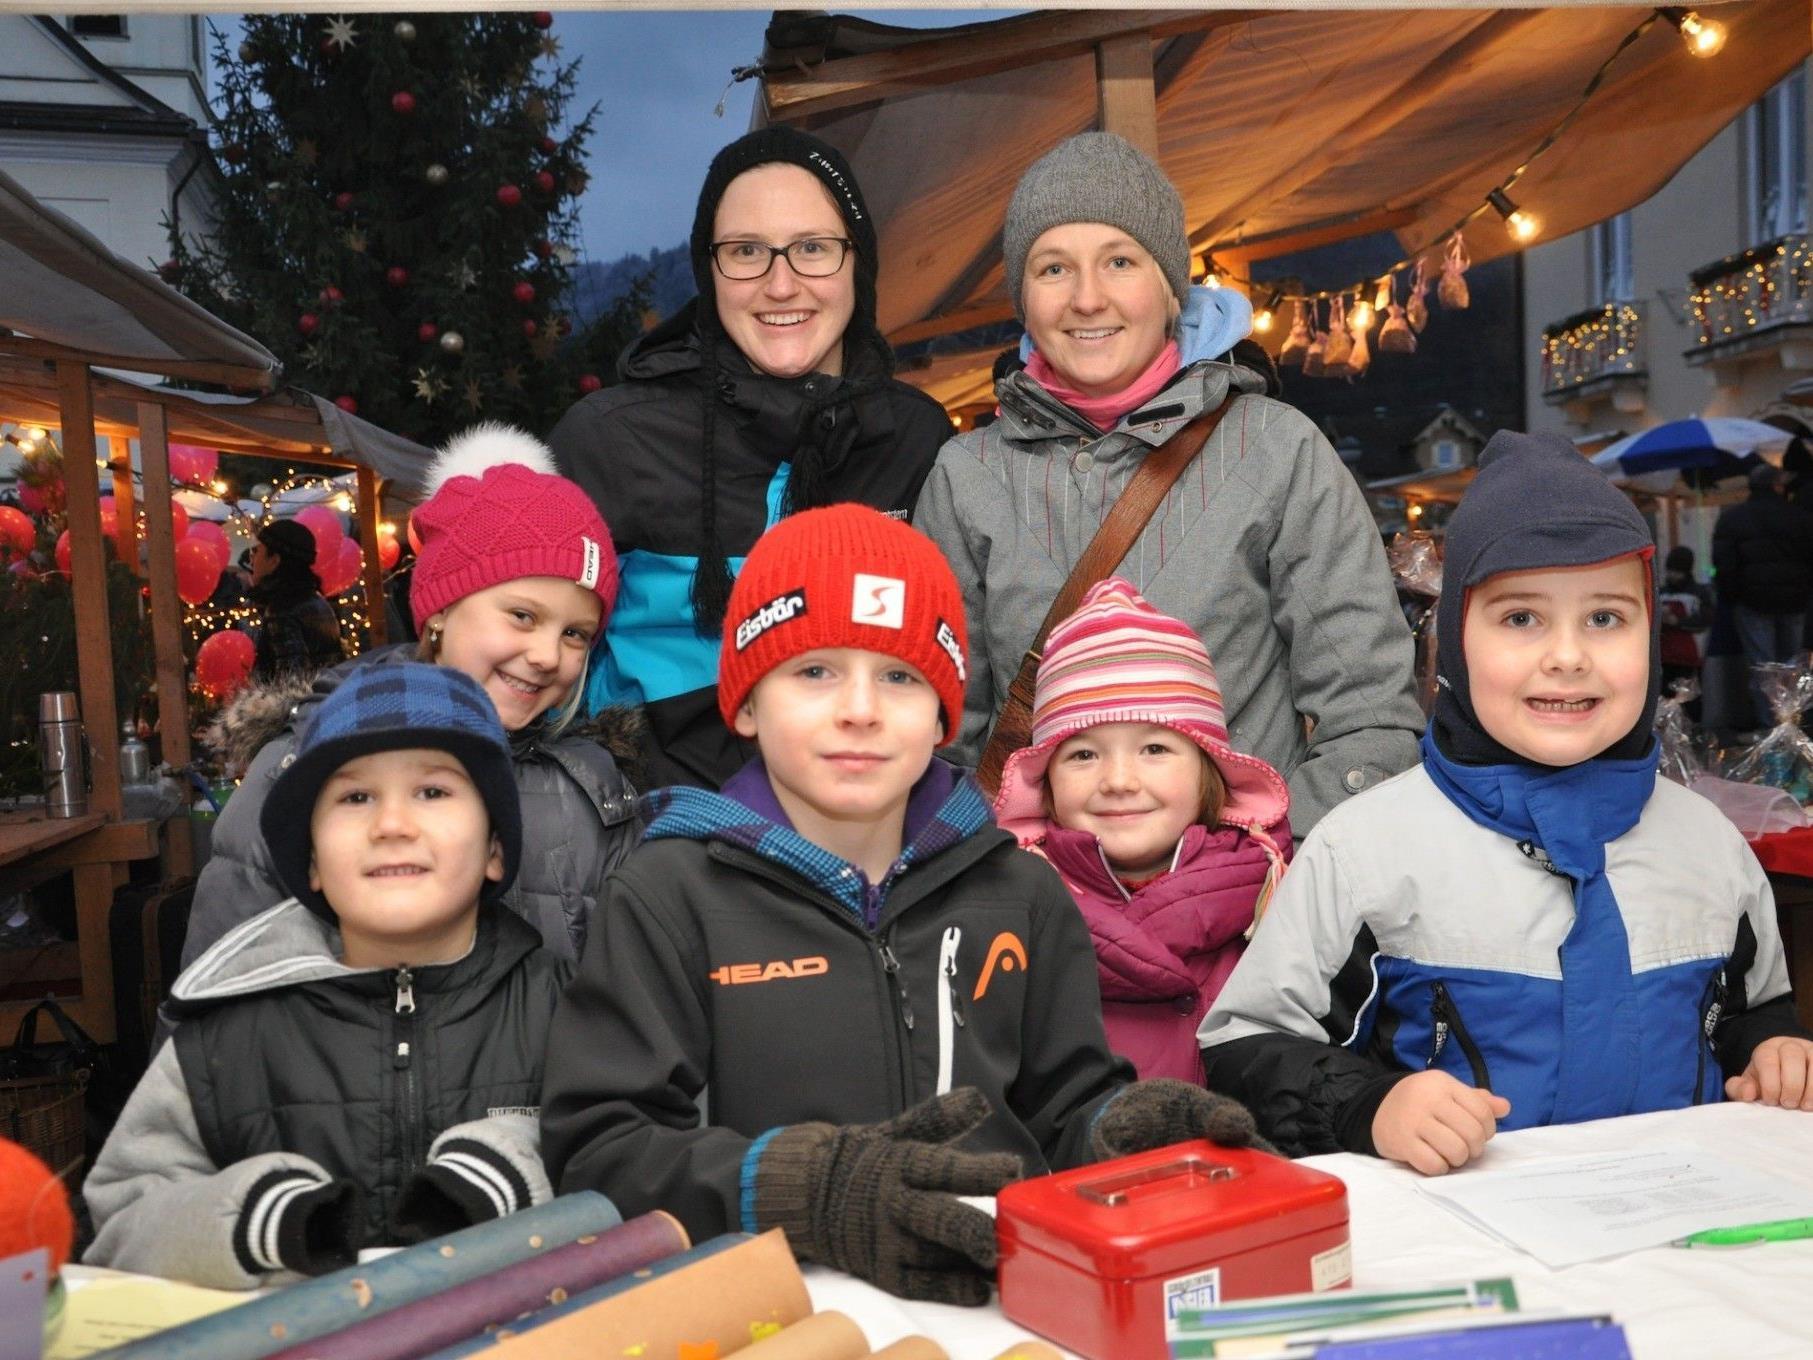 Stimmungsvoller Hörbranzer Weihnachtsmarkt für Jung und Alt im Schulzentrum.